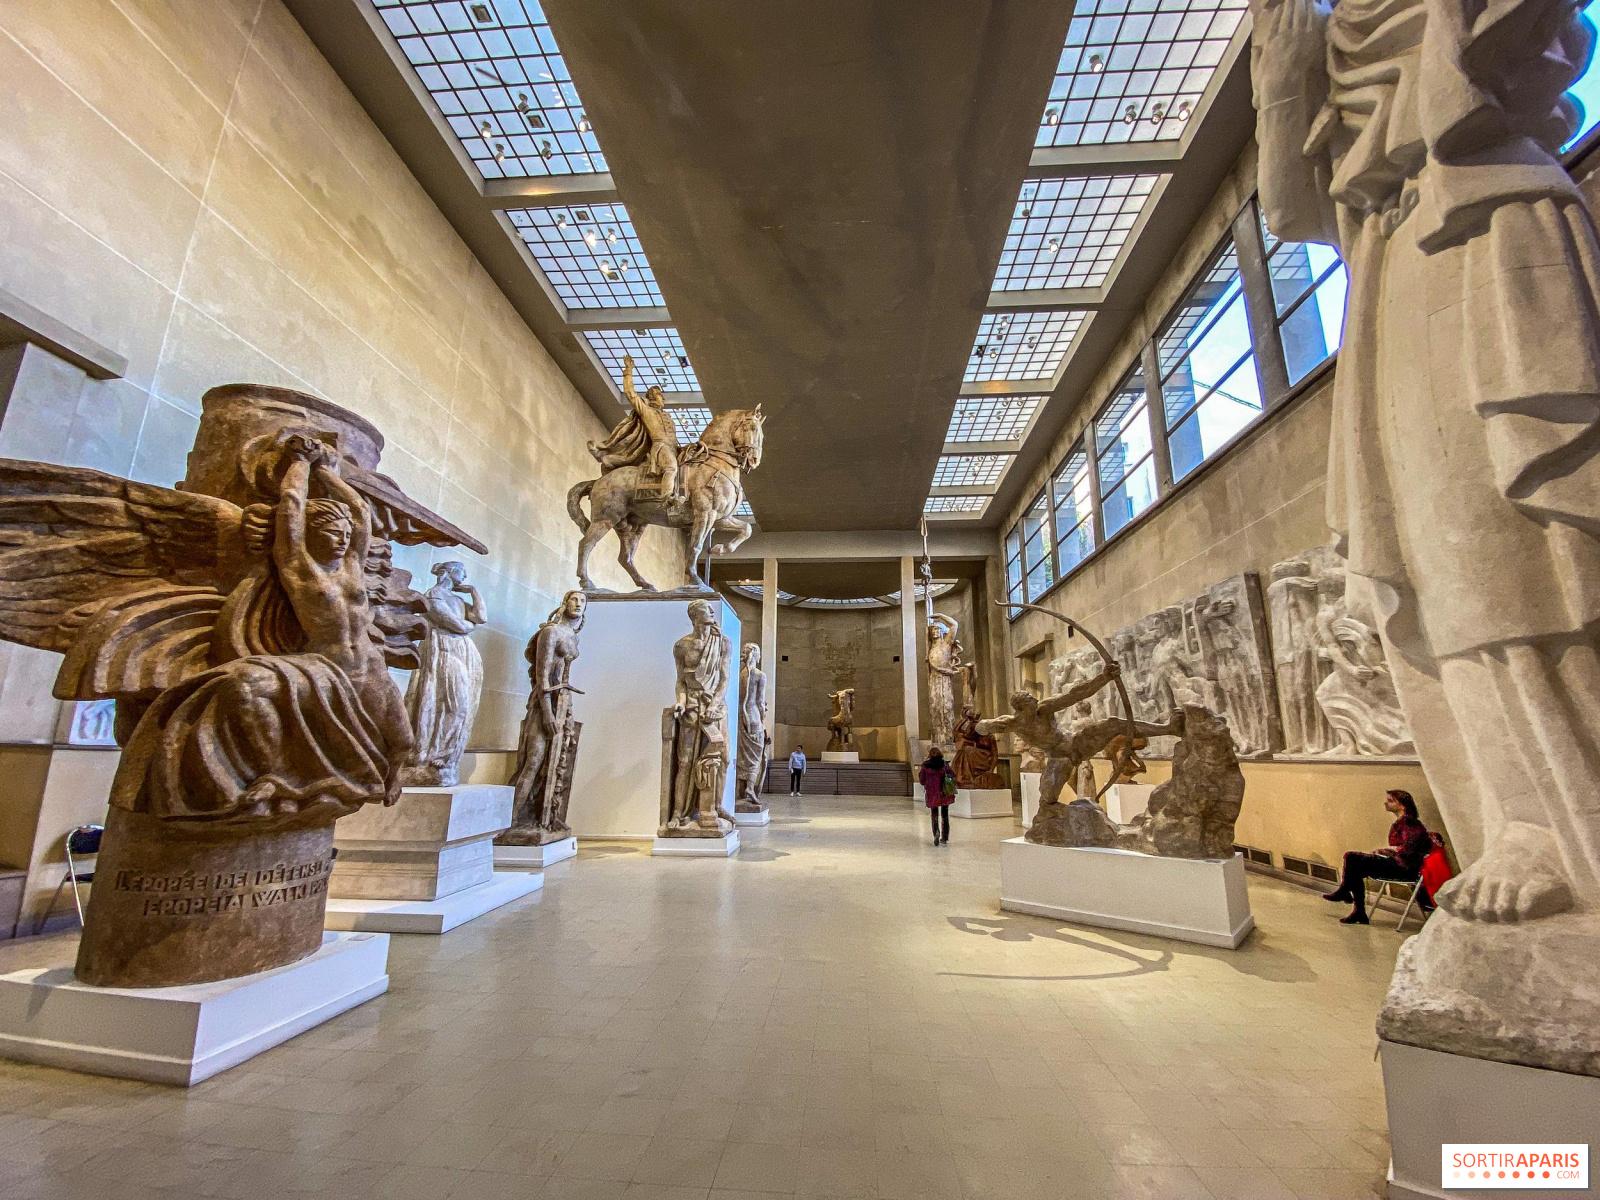 531142-exposition-des-contes-etranges-de-jacobsen-au-musee-bourdelle-les-photos